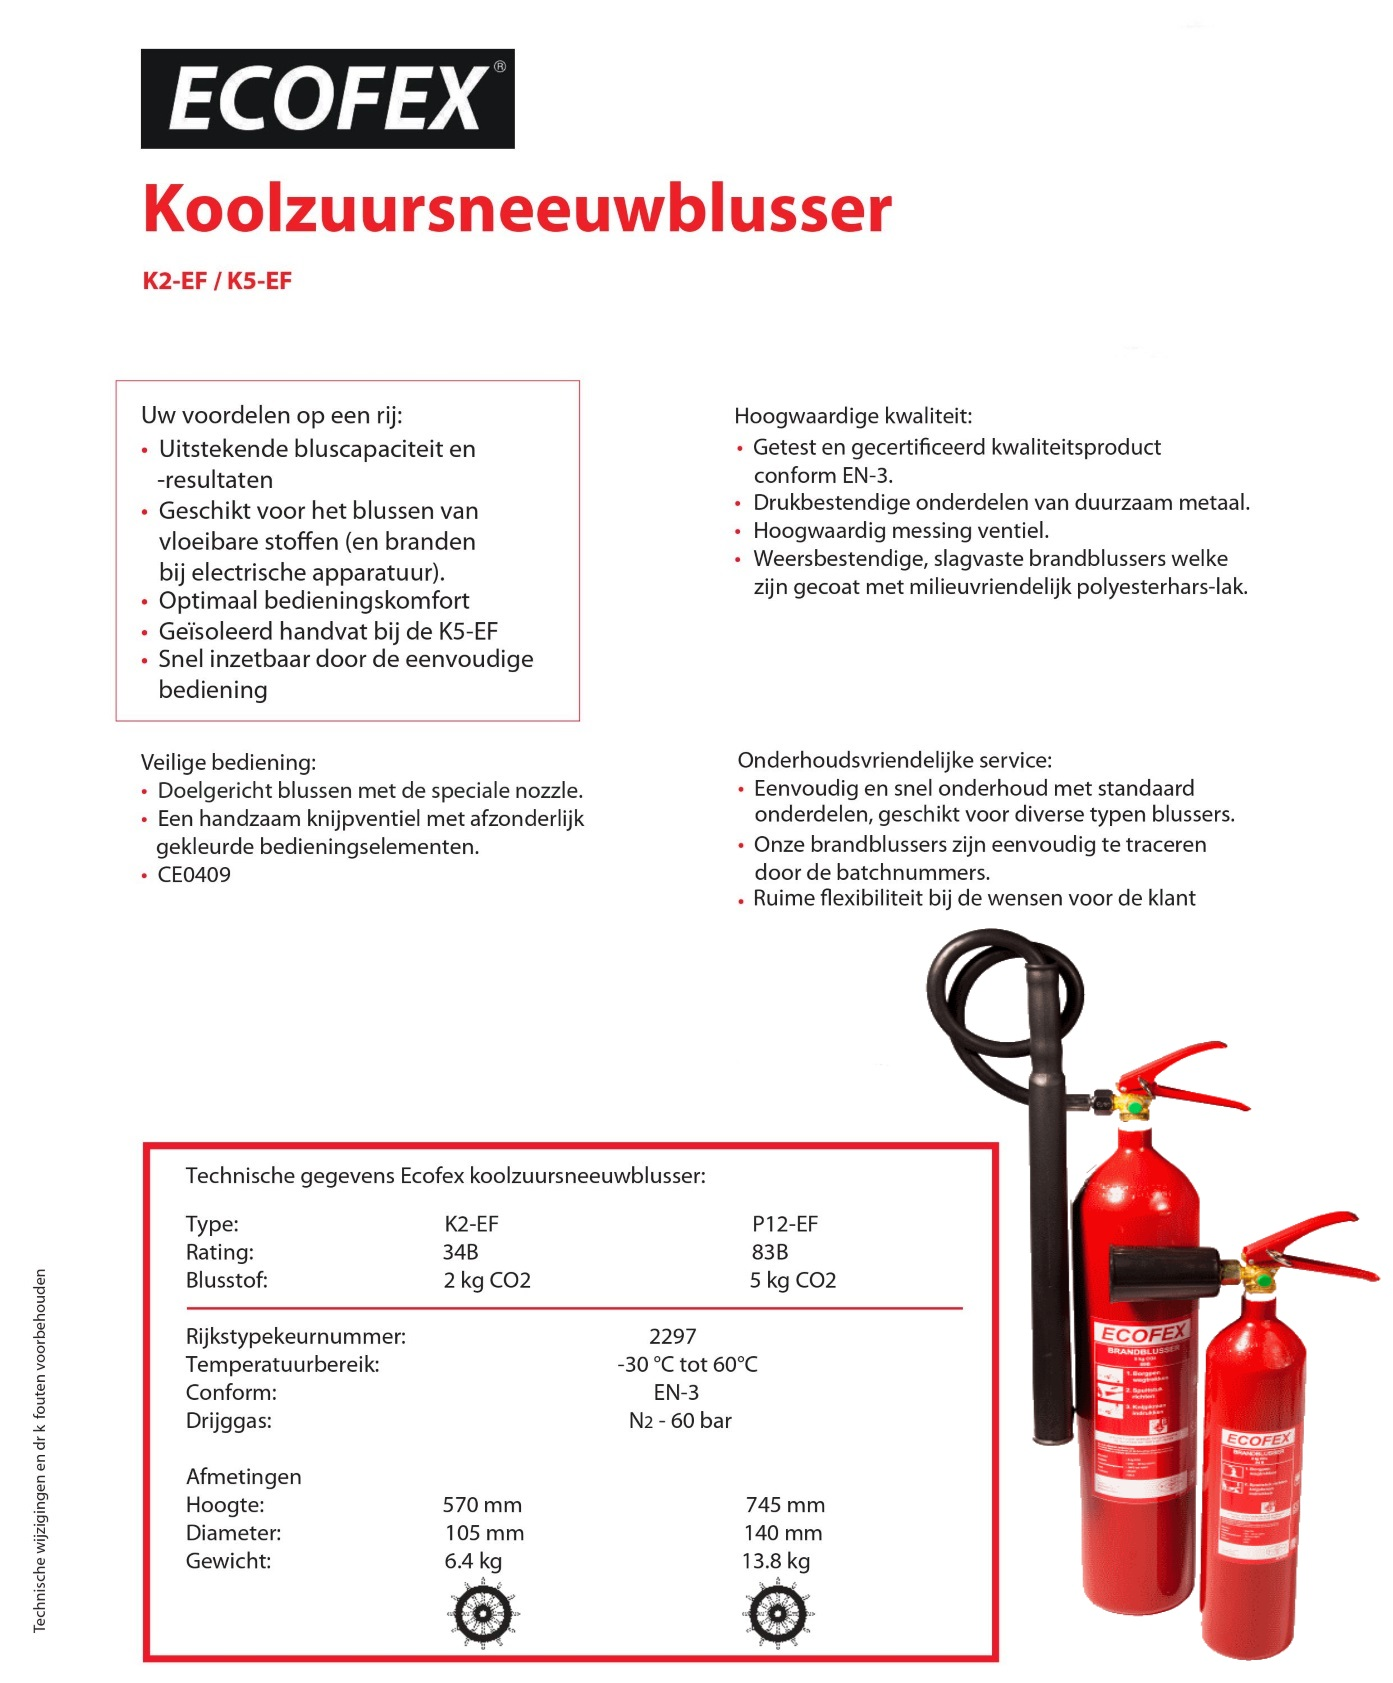 K2-EF K5-EF productblad 2